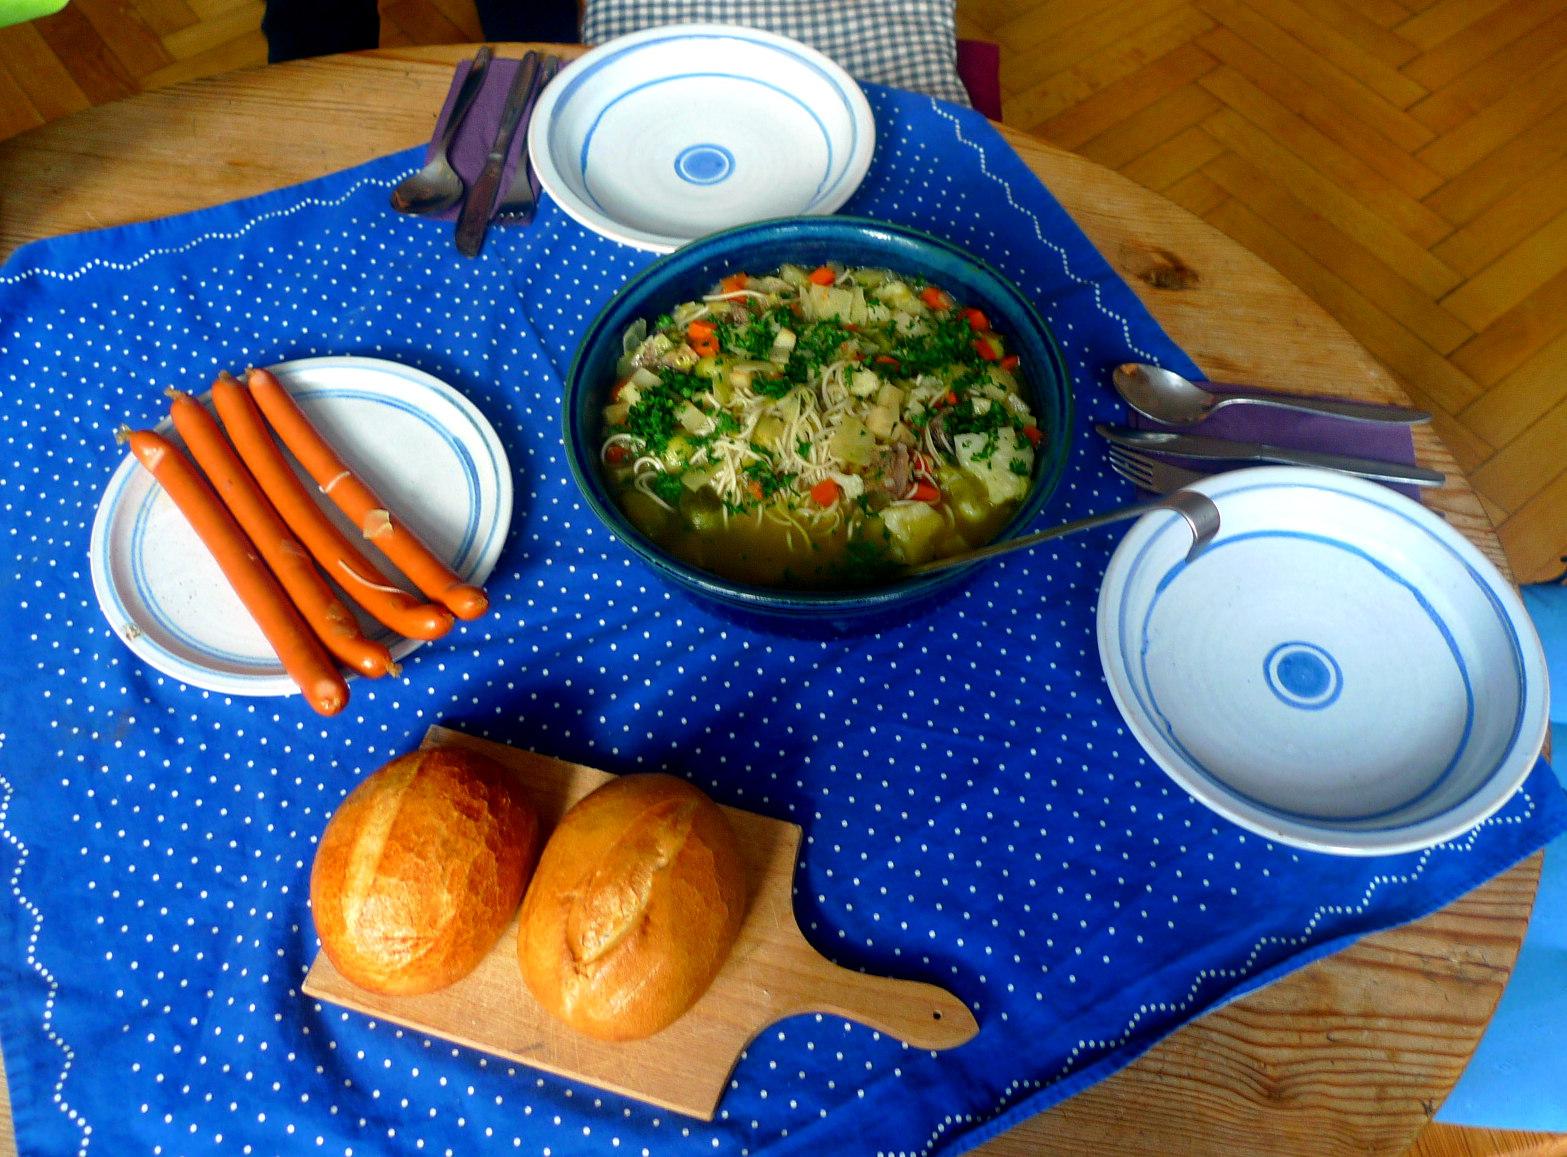 gemusesuppe-mit-nudeln-und-wiener-13